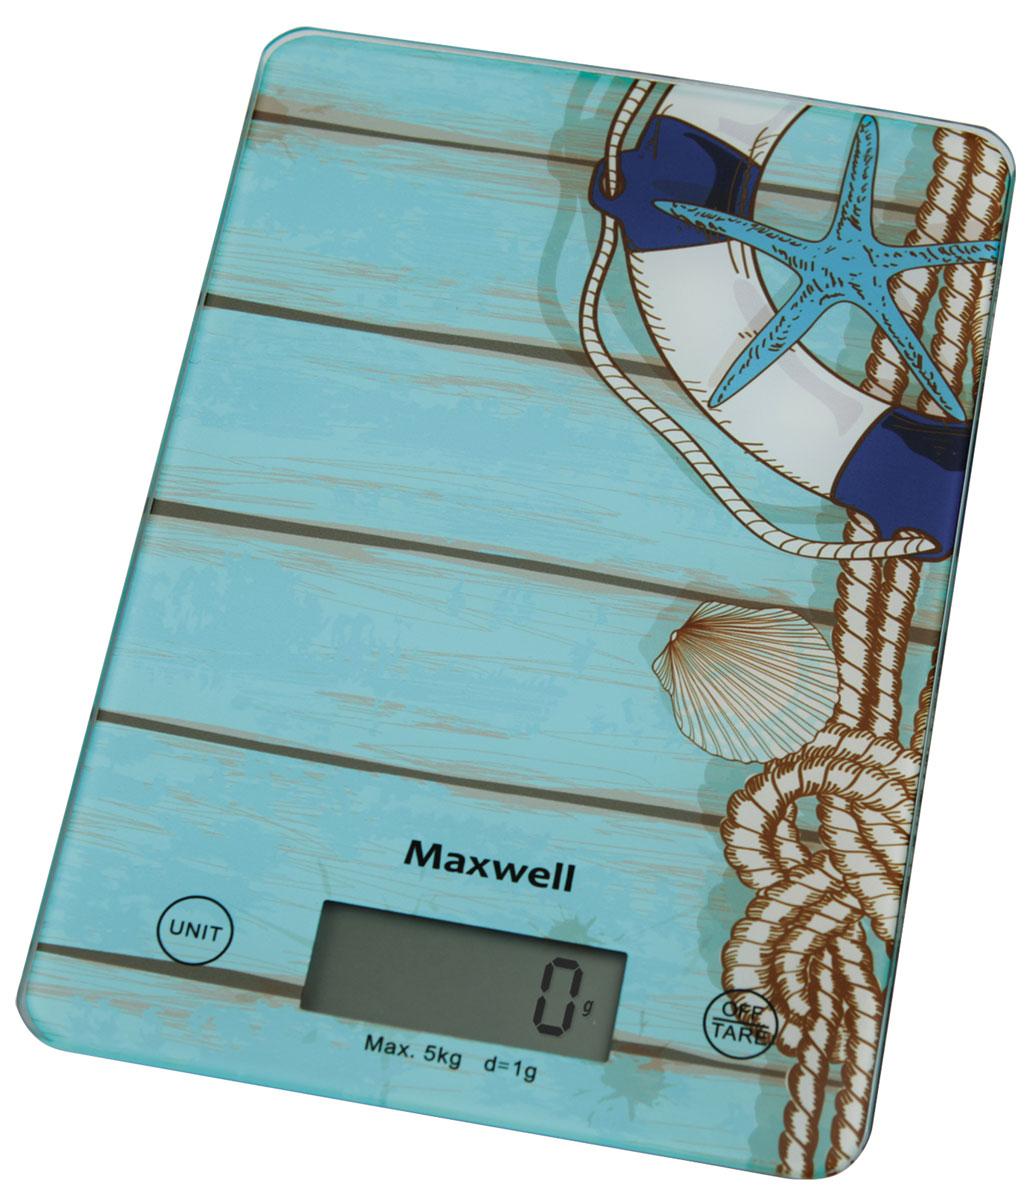 Maxwell MW-1473(B) весы кухонныеMW-1473(B)Кухонные электронные весы Maxwell MW-1473(B) - незаменимые помощники современной хозяйки. Они помогут точно взвесить любые продукты и ингредиенты. Кроме того, позволят людям, соблюдающим диету, контролировать количество съедаемой пищи и размеры порций. Предназначены для взвешивания продуктов с точностью измерения 1 грамм.